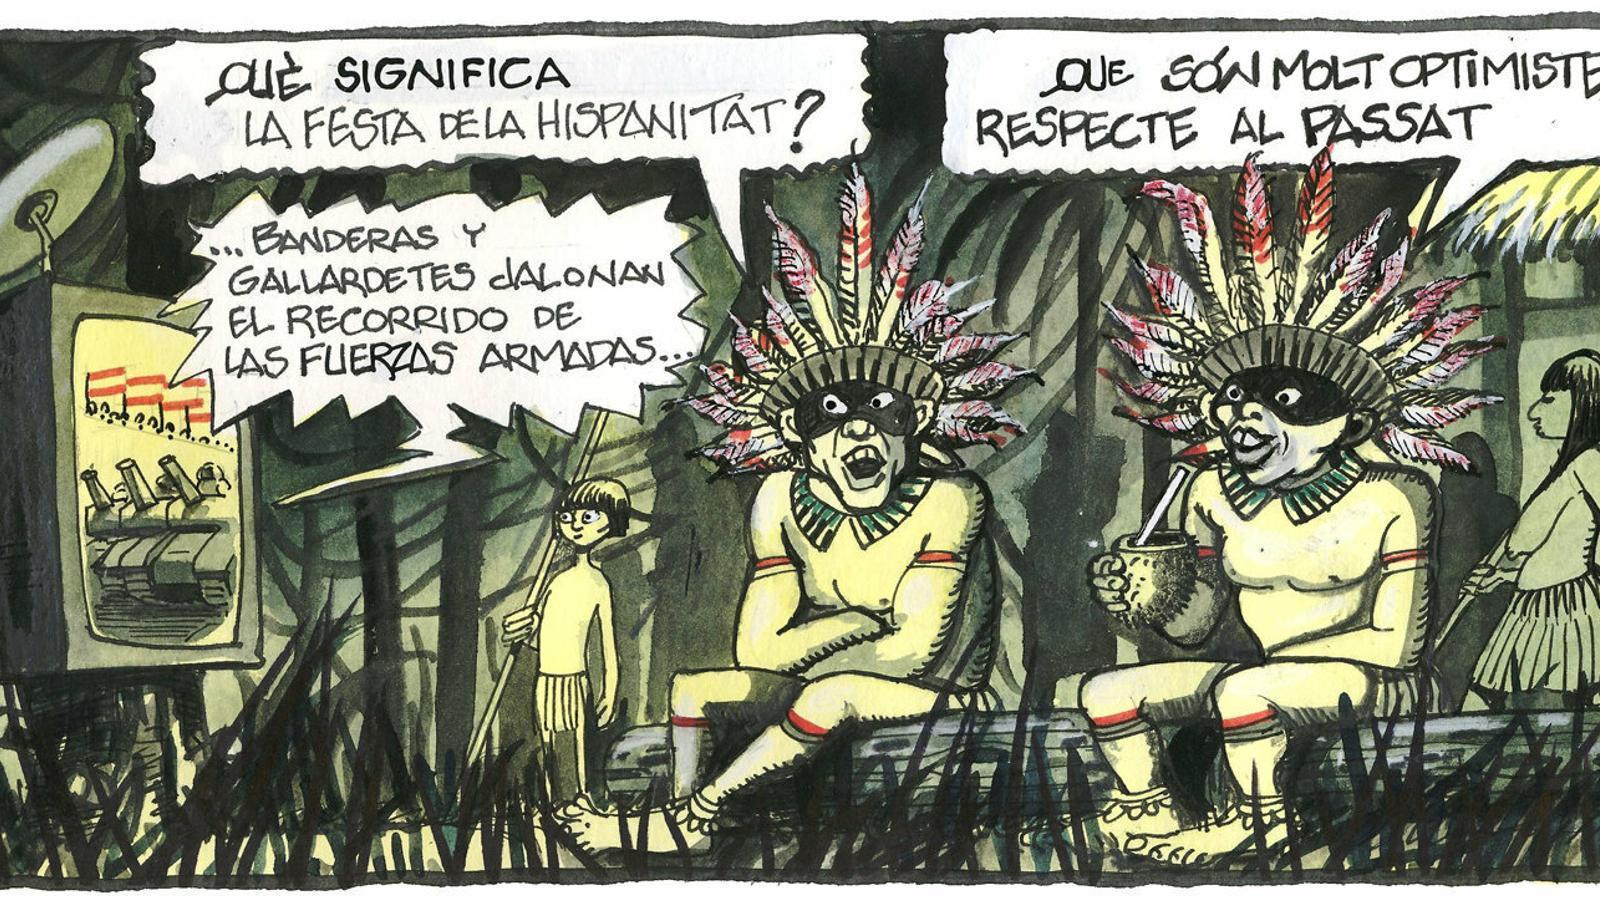 'A la contra', per Ferreres 12/10/2019